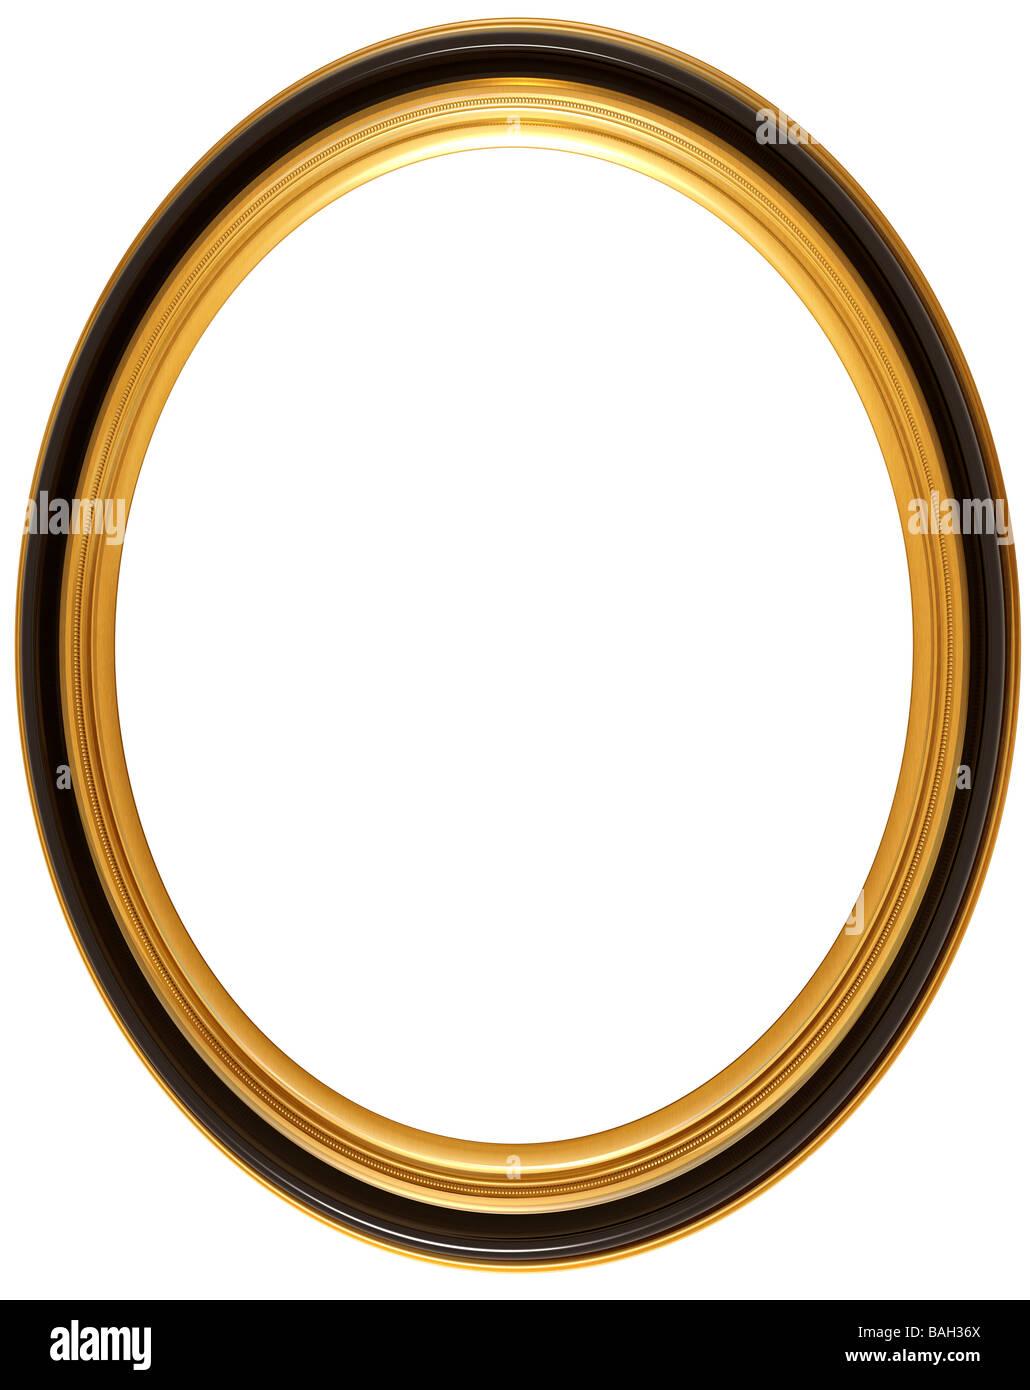 Illustration de l'isolé un ovale cadre photo géorgienne Photo Stock